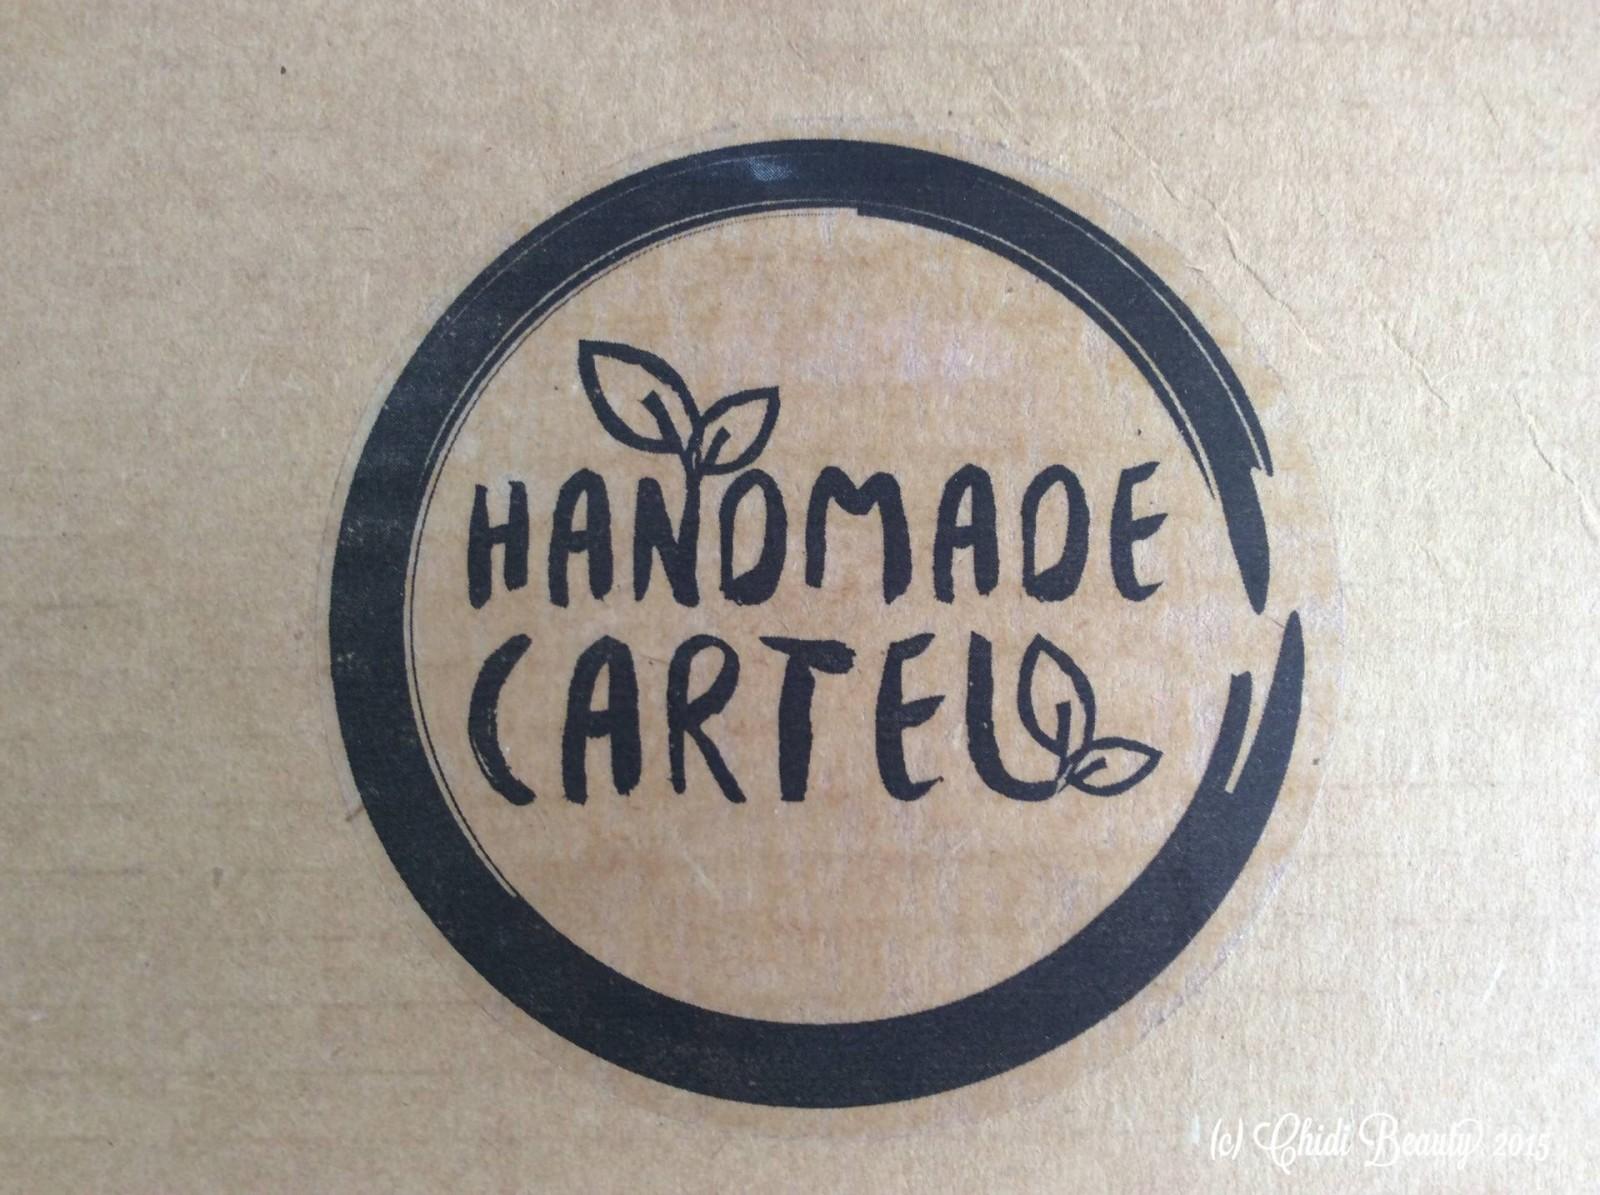 Handmade Cartel Deluxe Subscription Box – September 2015